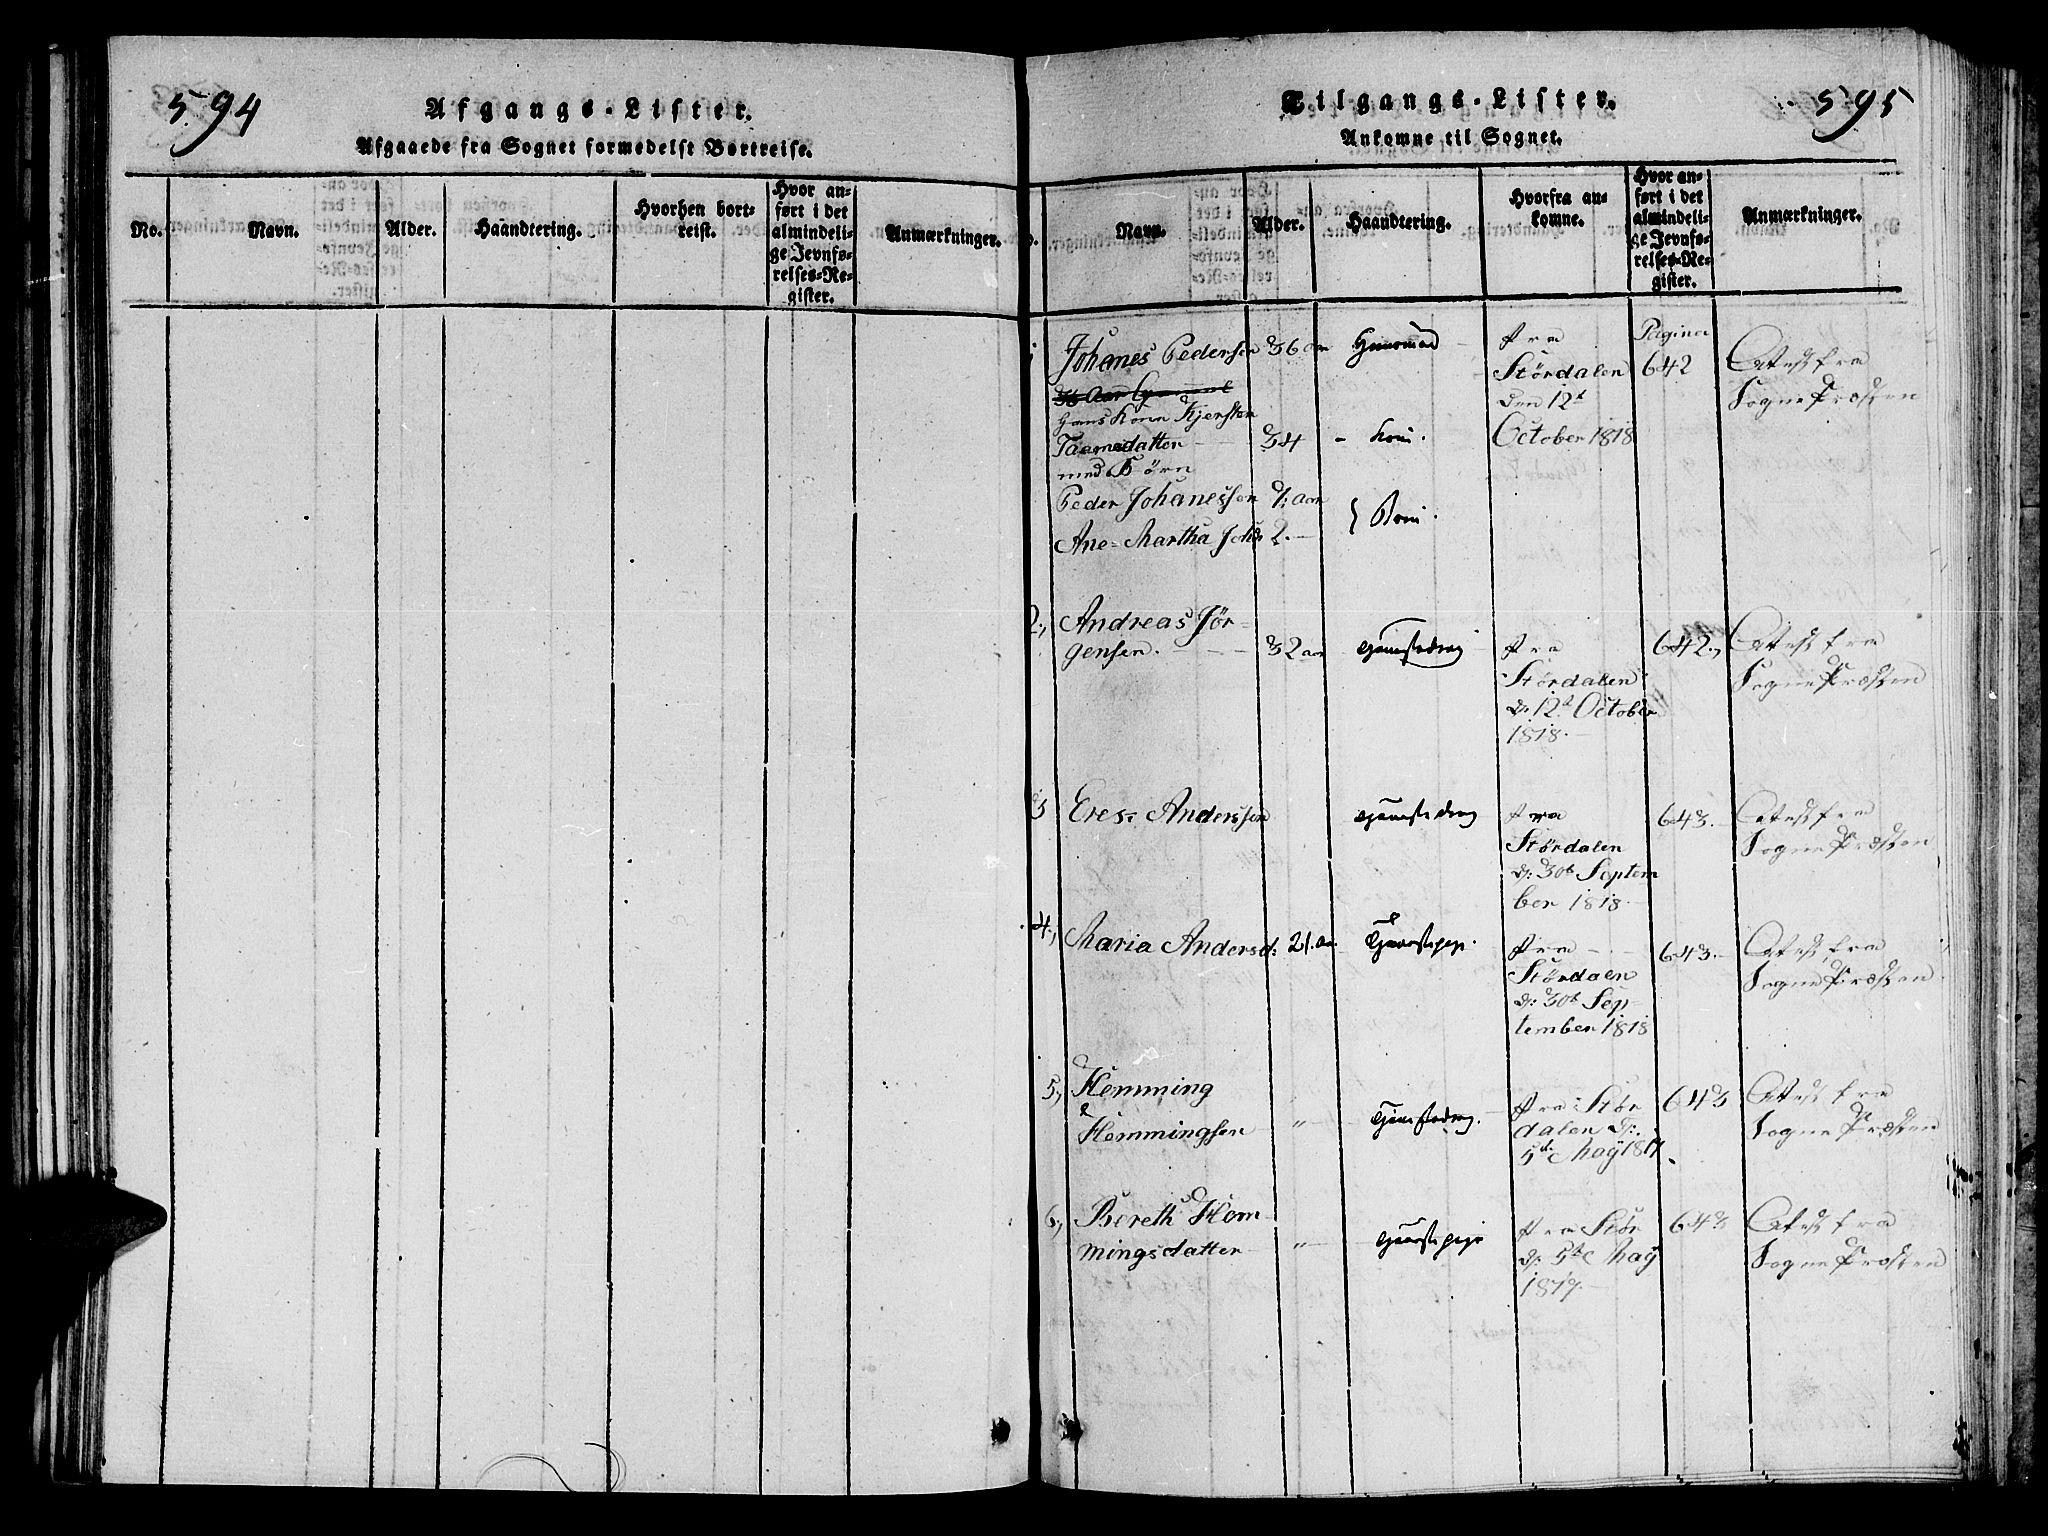 SAT, Ministerialprotokoller, klokkerbøker og fødselsregistre - Nord-Trøndelag, 714/L0132: Klokkerbok nr. 714C01, 1817-1824, s. 594-595